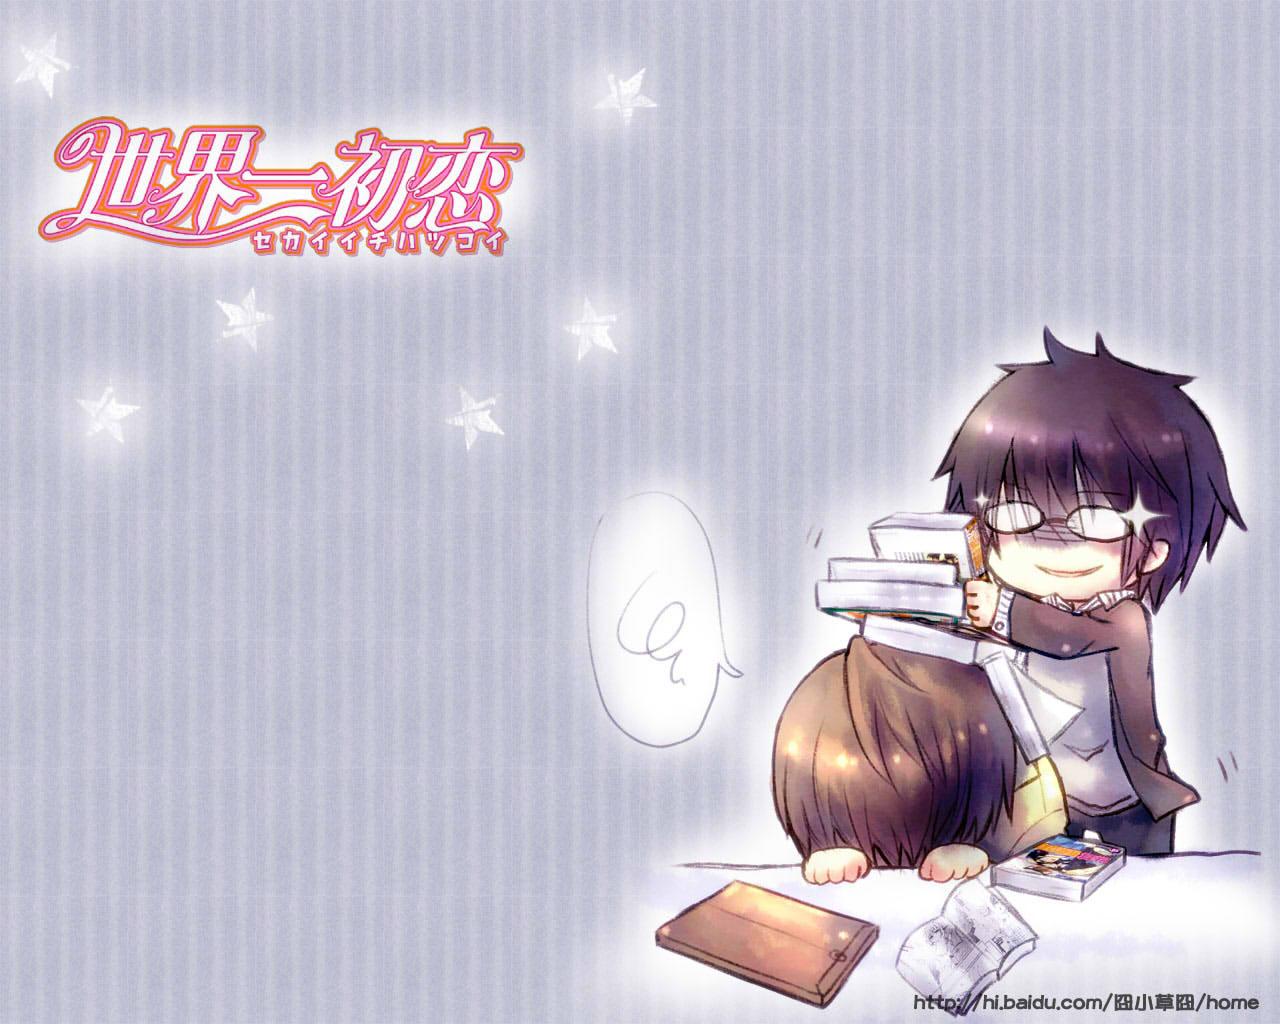 Sekai ichi hatsukoi - Sekai Ichi Hatsukoi Photo (23511705 ...